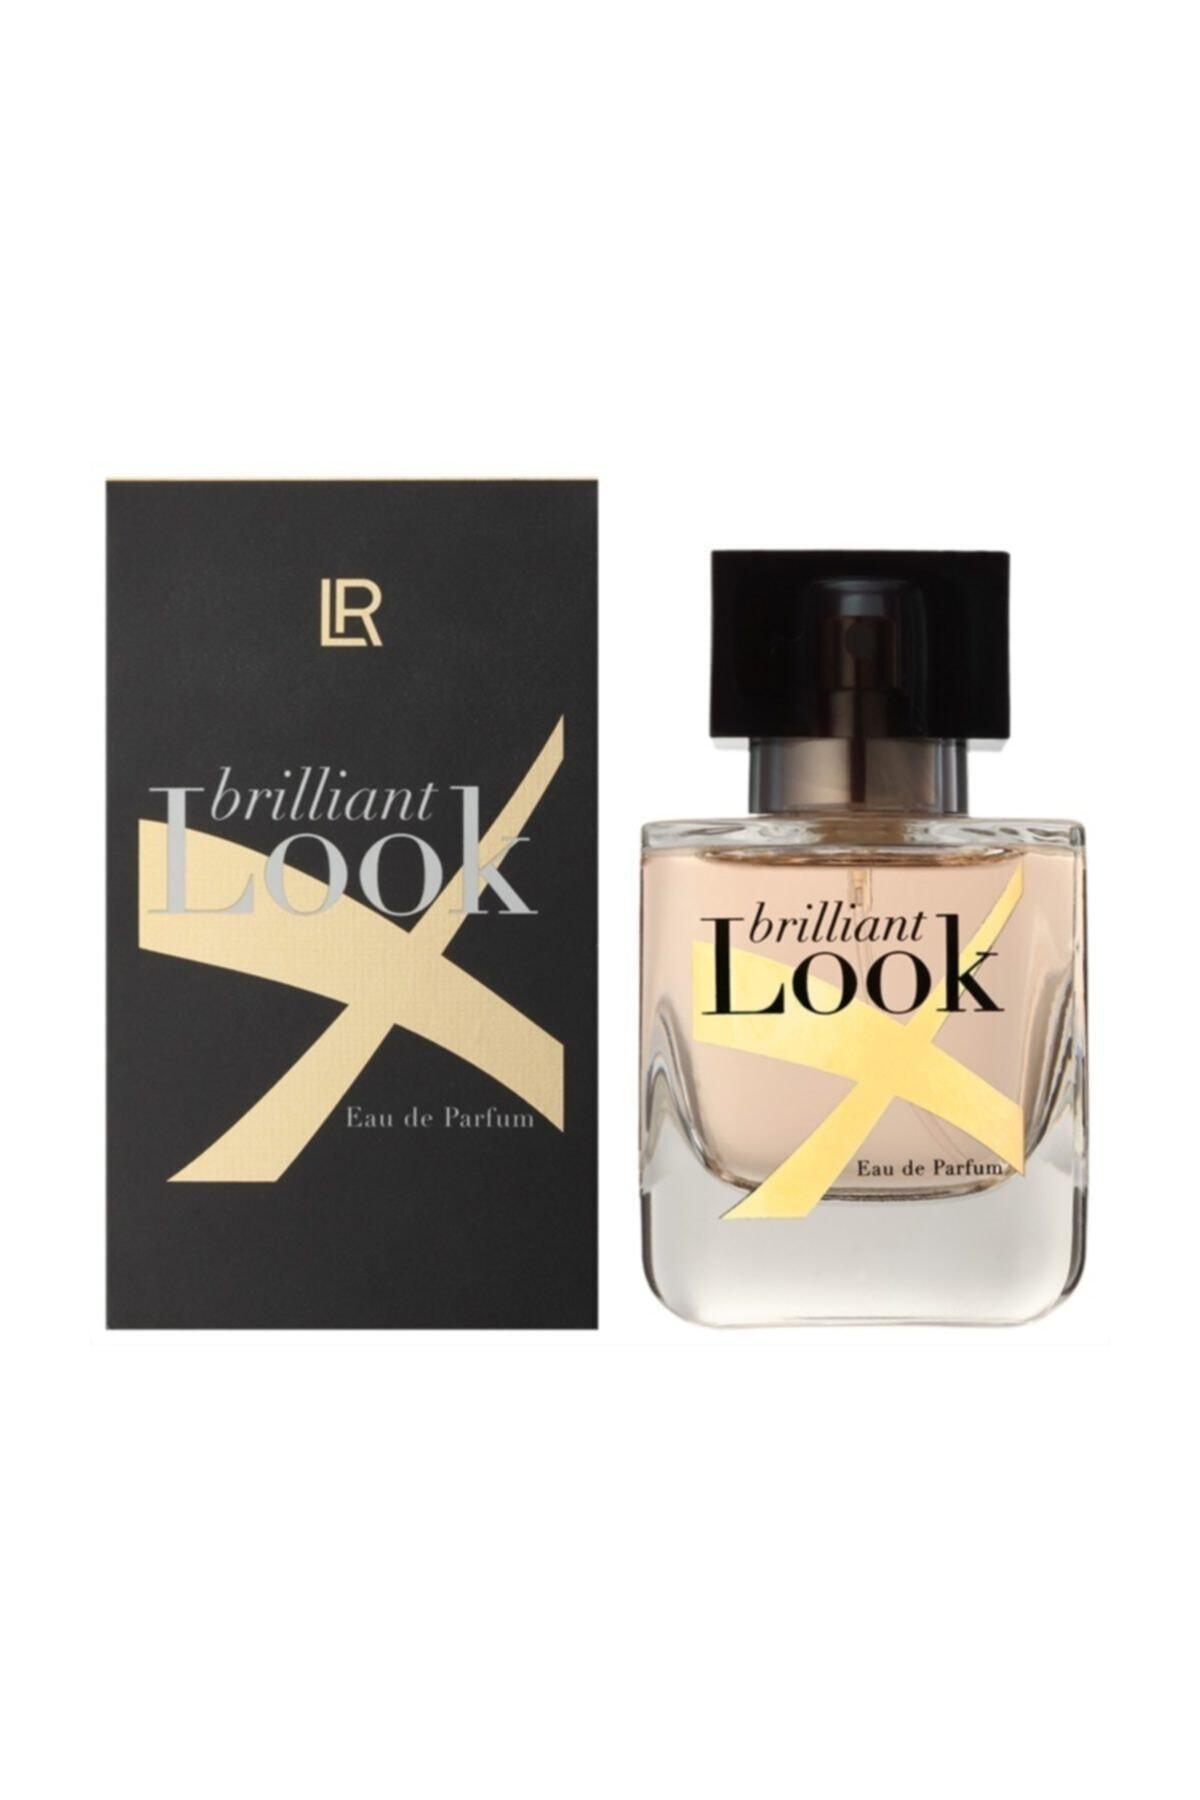 LR Brilliant Look Eau De Parfum 1